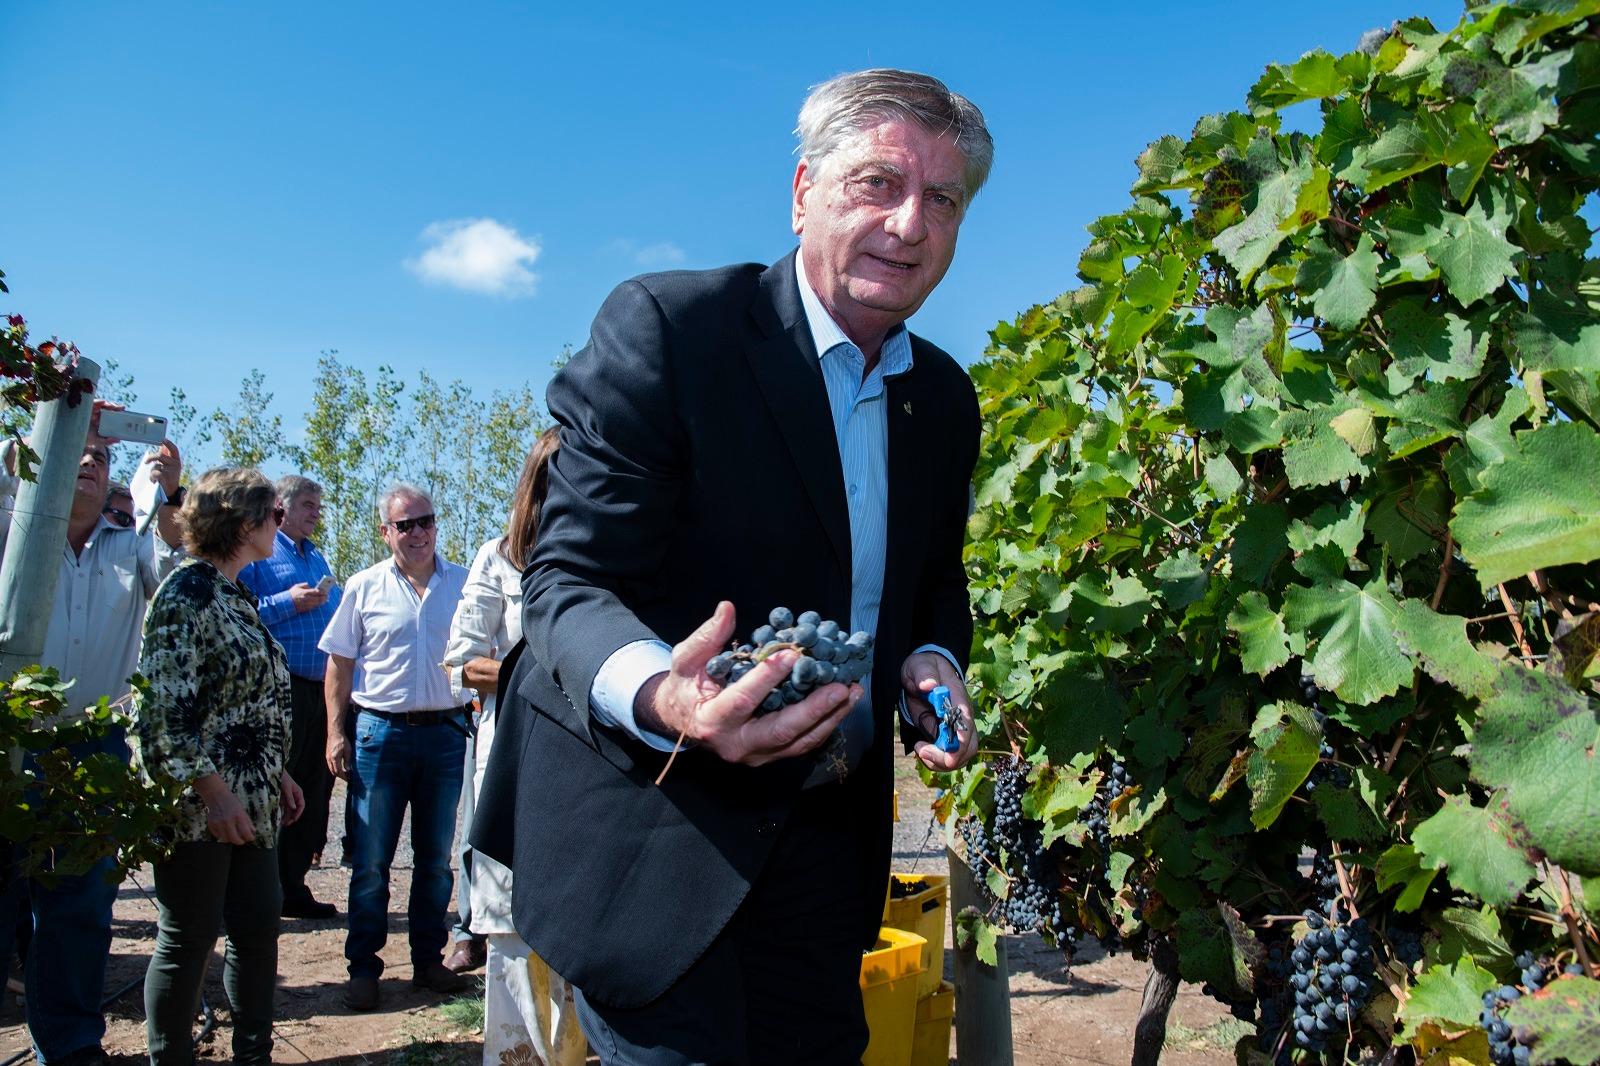 El Gobernador anunció que se construirá una bodega en Casa de Piedra